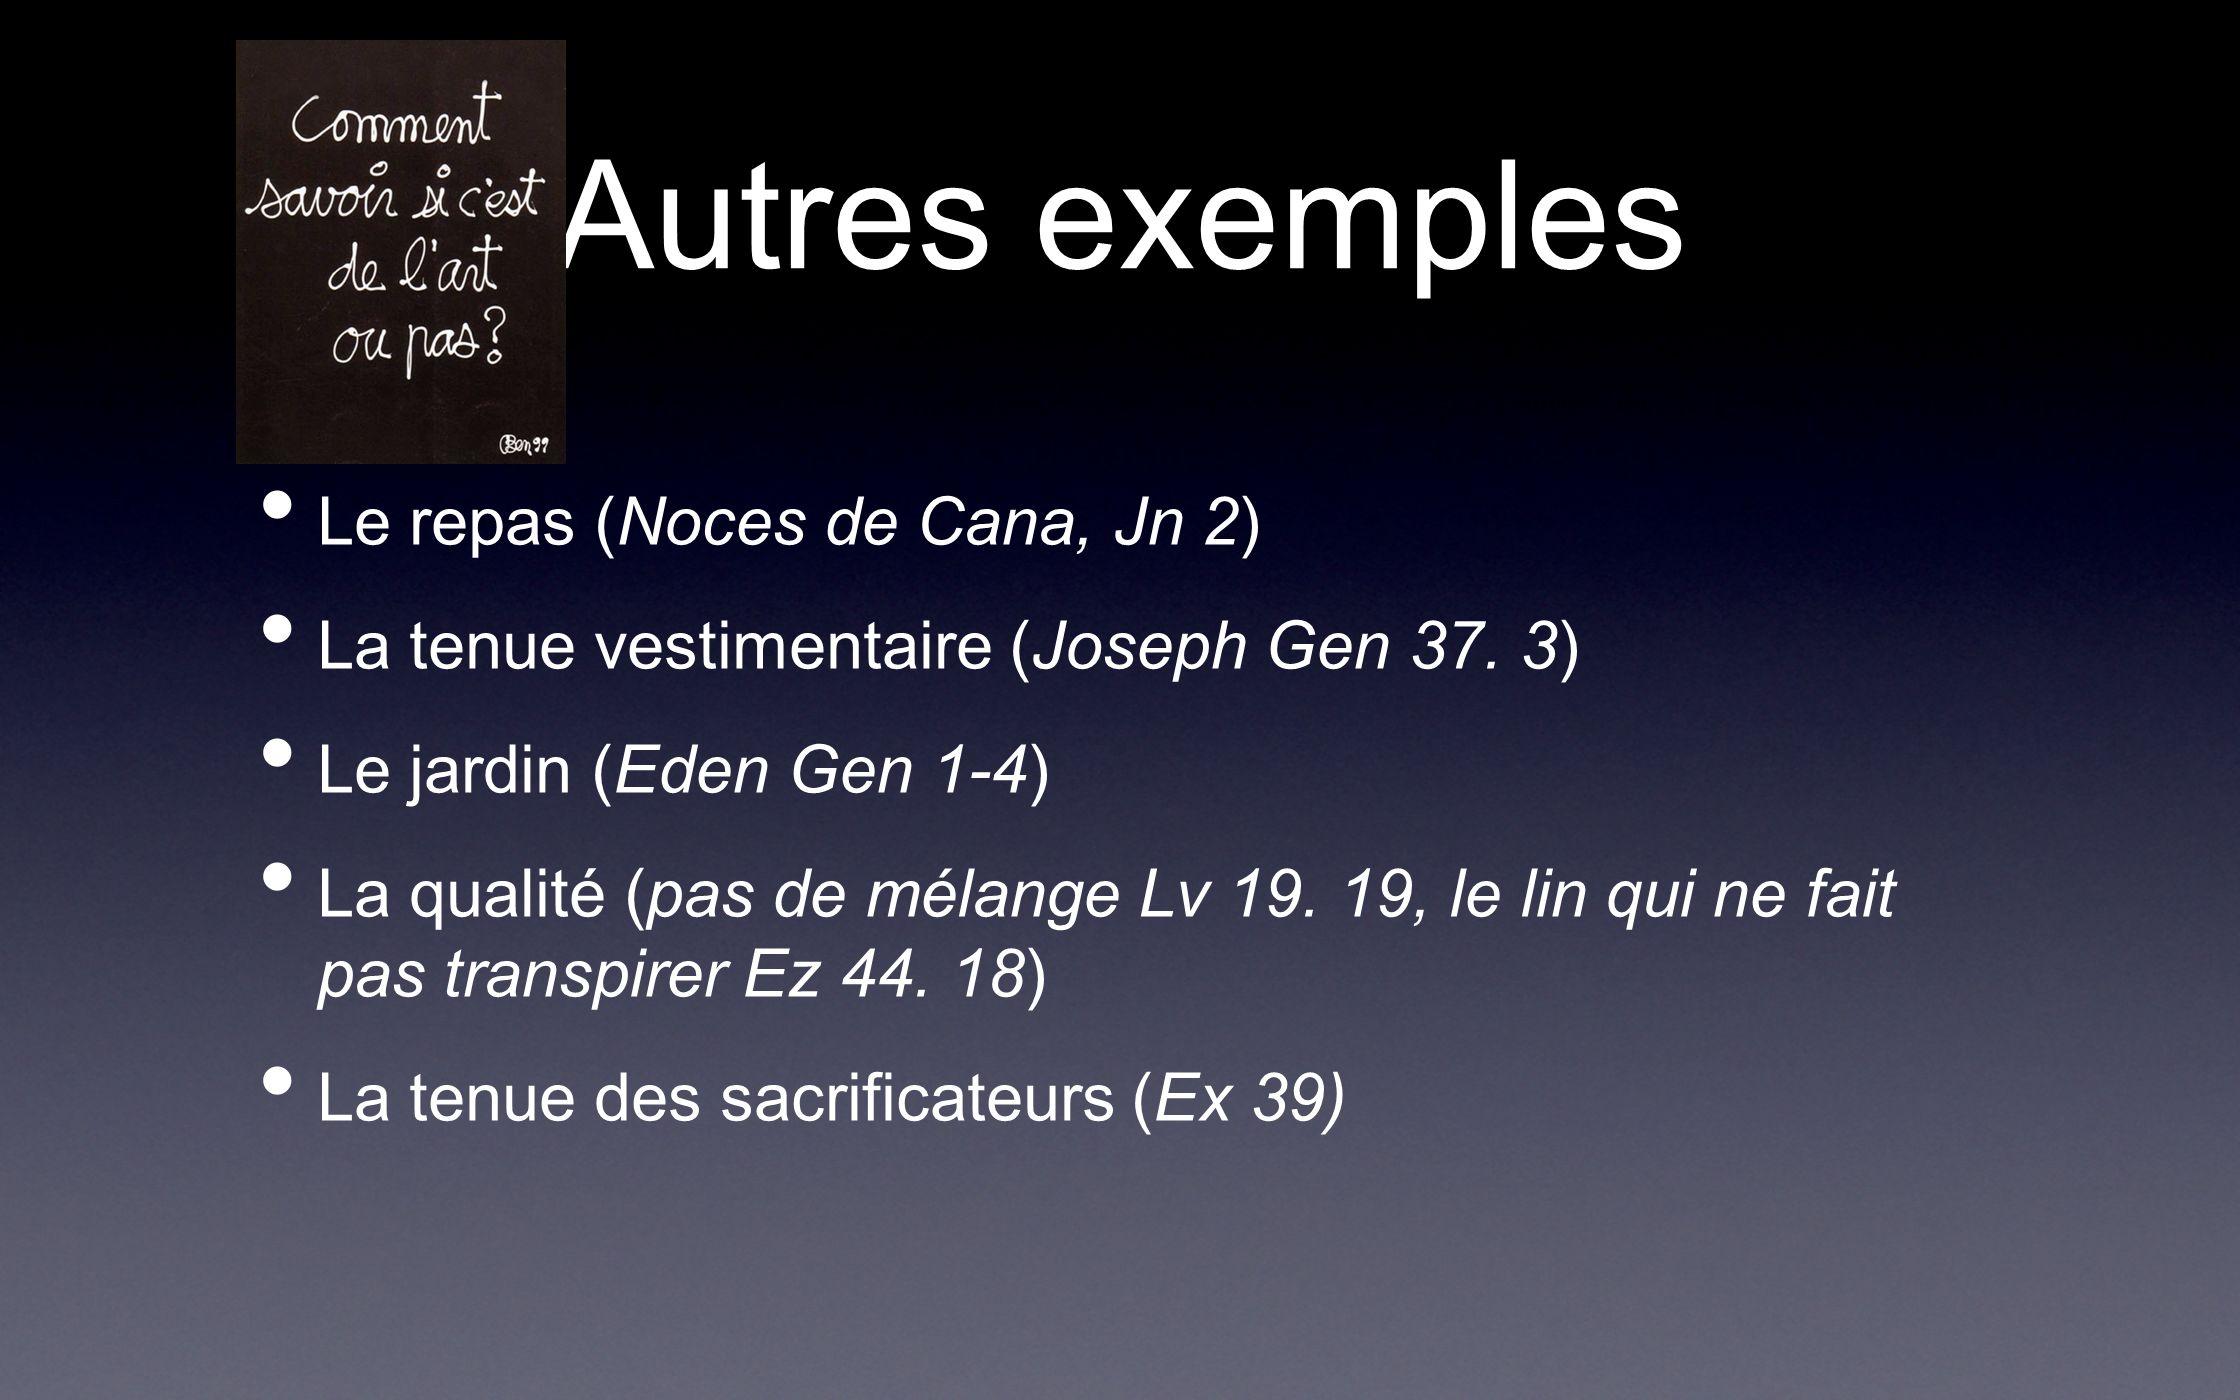 Autres exemples Le repas (Noces de Cana, Jn 2) La tenue vestimentaire (Joseph Gen 37. 3) Le jardin (Eden Gen 1-4) La qualité (pas de mélange Lv 19. 19